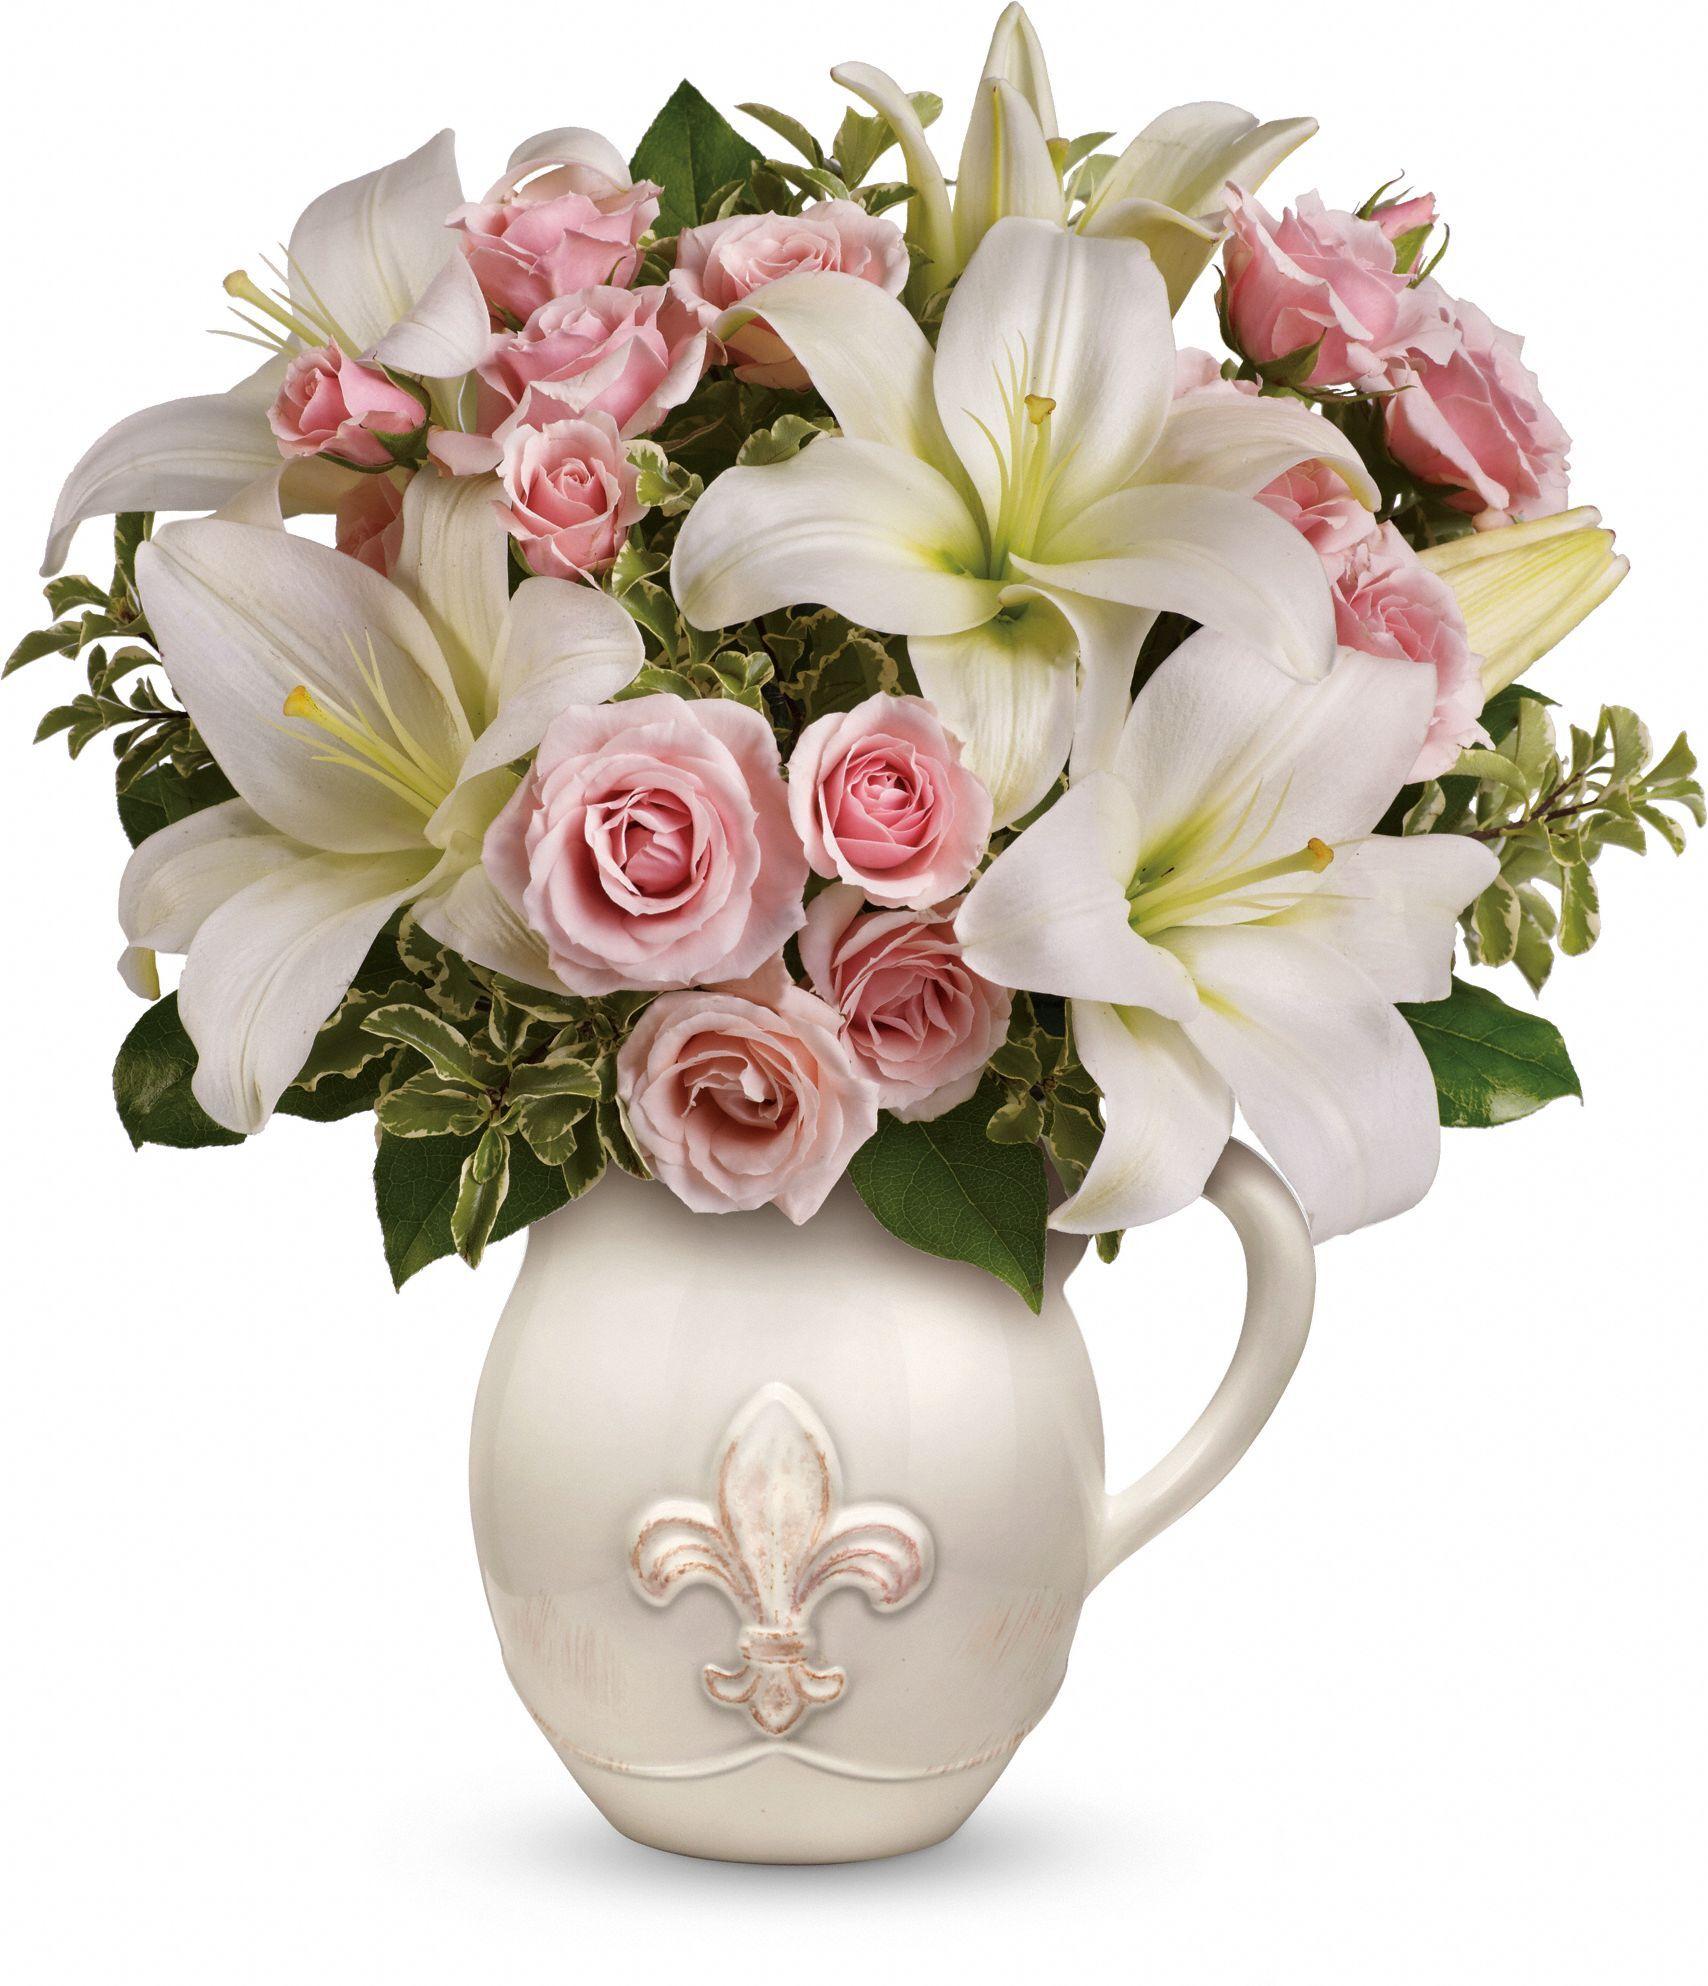 Fleur De Love Bouquet Flowers Fleur De Love Flower Bouquet Flower Delivery Anniversary Flowers Flower Gift